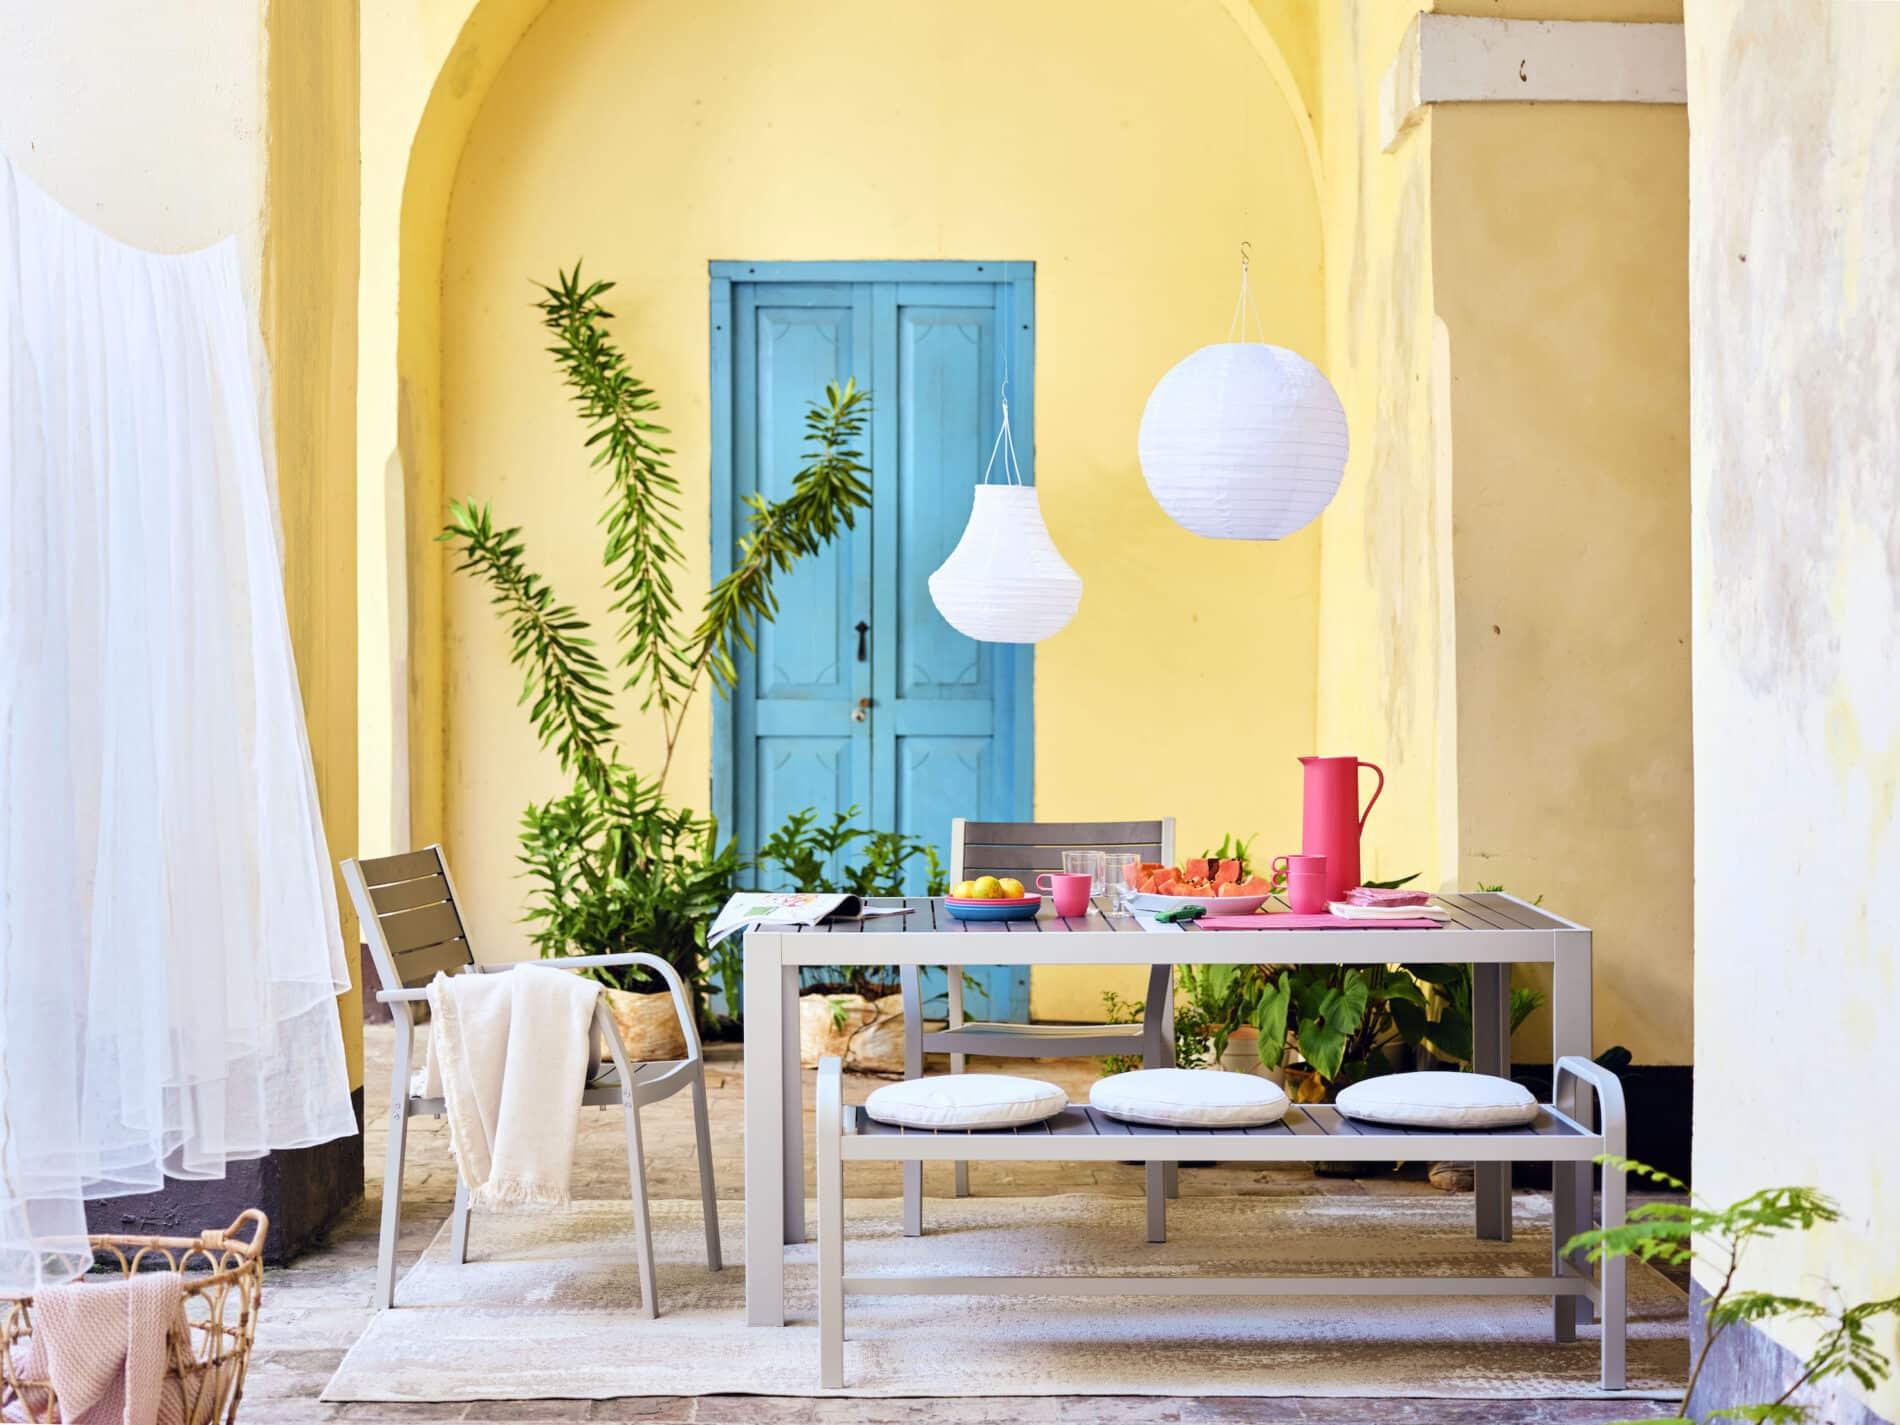 Tavolino Per Balcone Ikea ikea tavoli piccoli da giardino